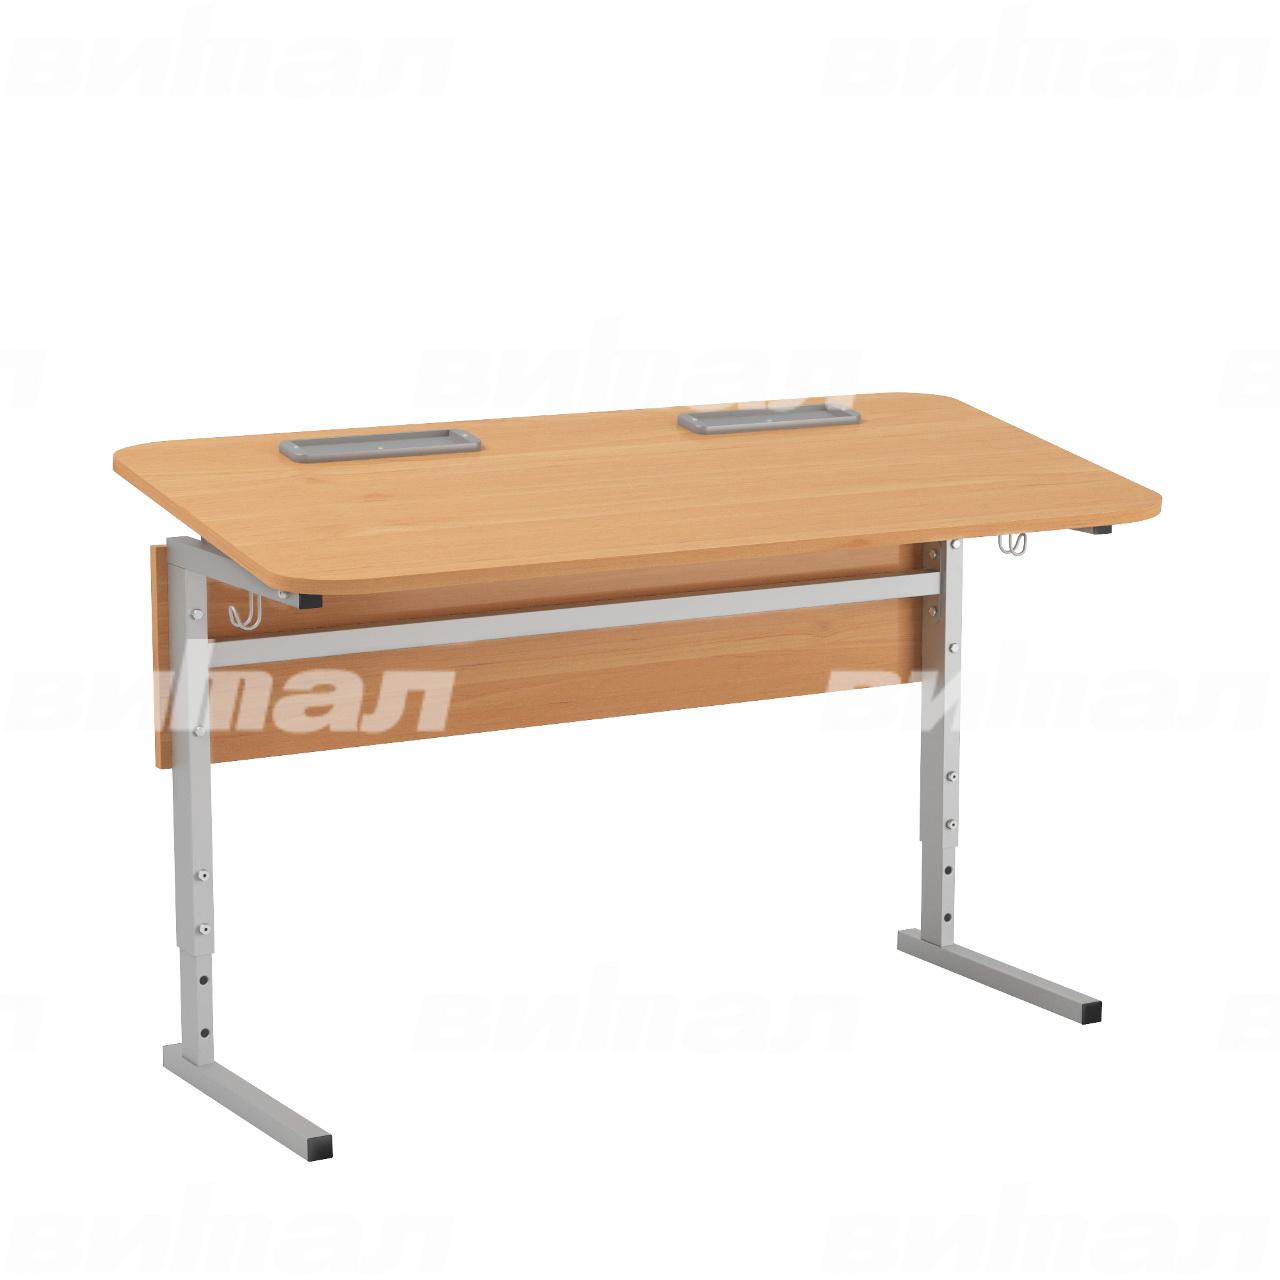 Стол 2-местный регулир. высота и наклон столешницы 0-10° (гр 2-4, 3-5 или 4-6) серый Ольха 3-5 Меламин прямоугольная